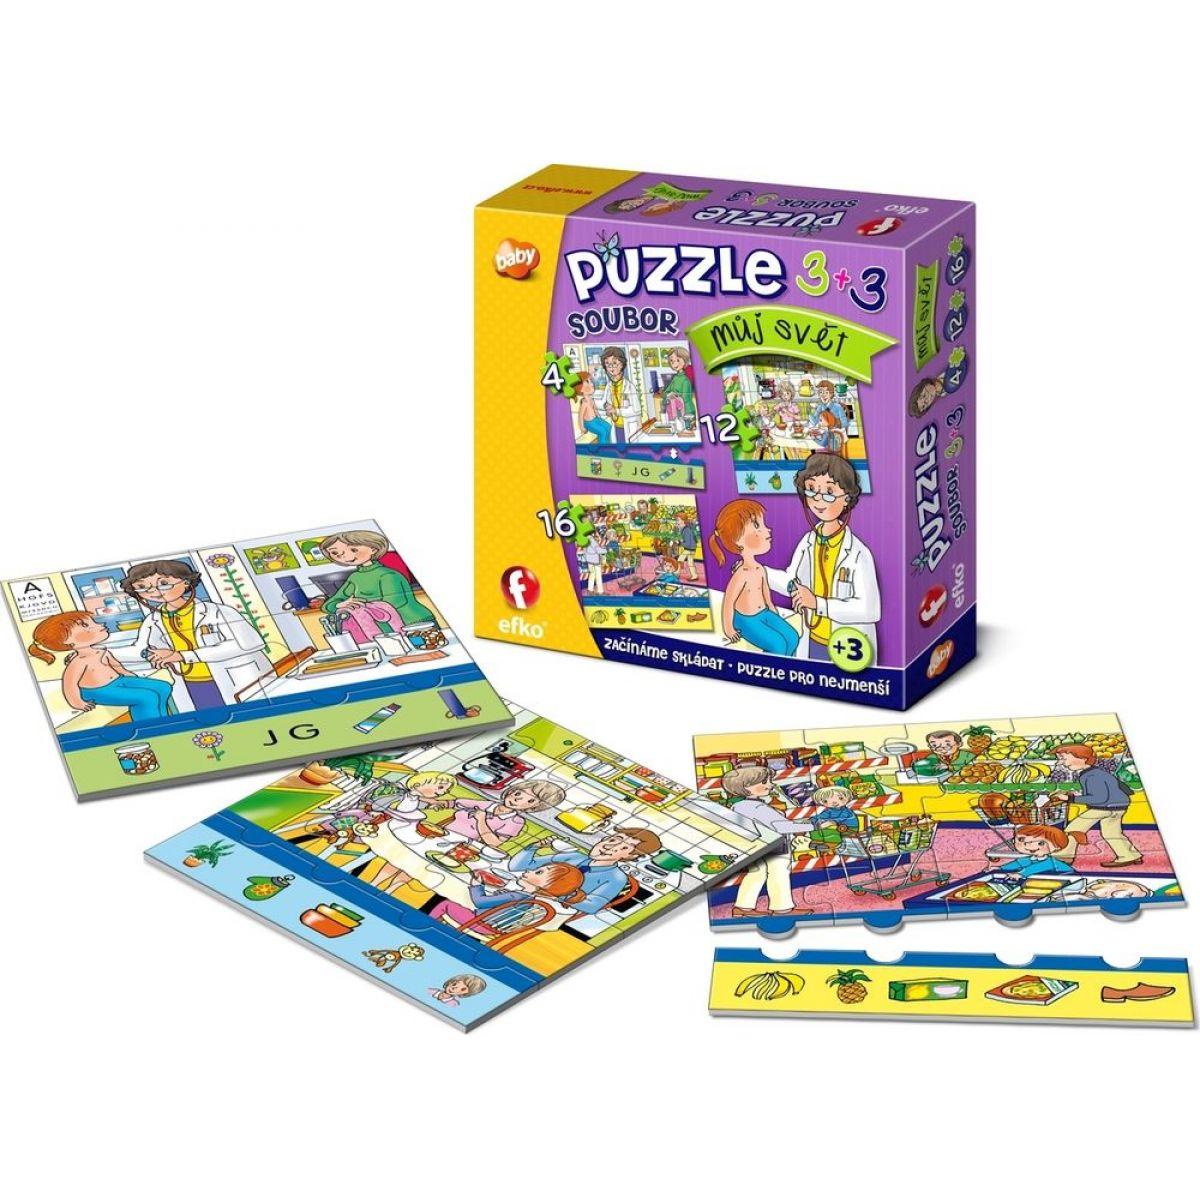 Efko Súbor Puzzle 3 v 1 Môj svet